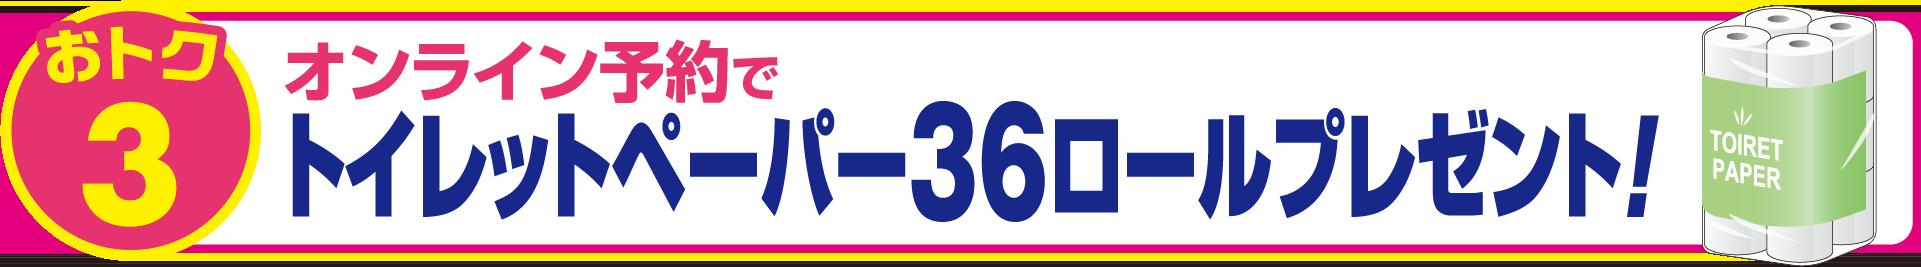 おトク3 オンライン予約で トイレットペーパー36ロールプレゼント!